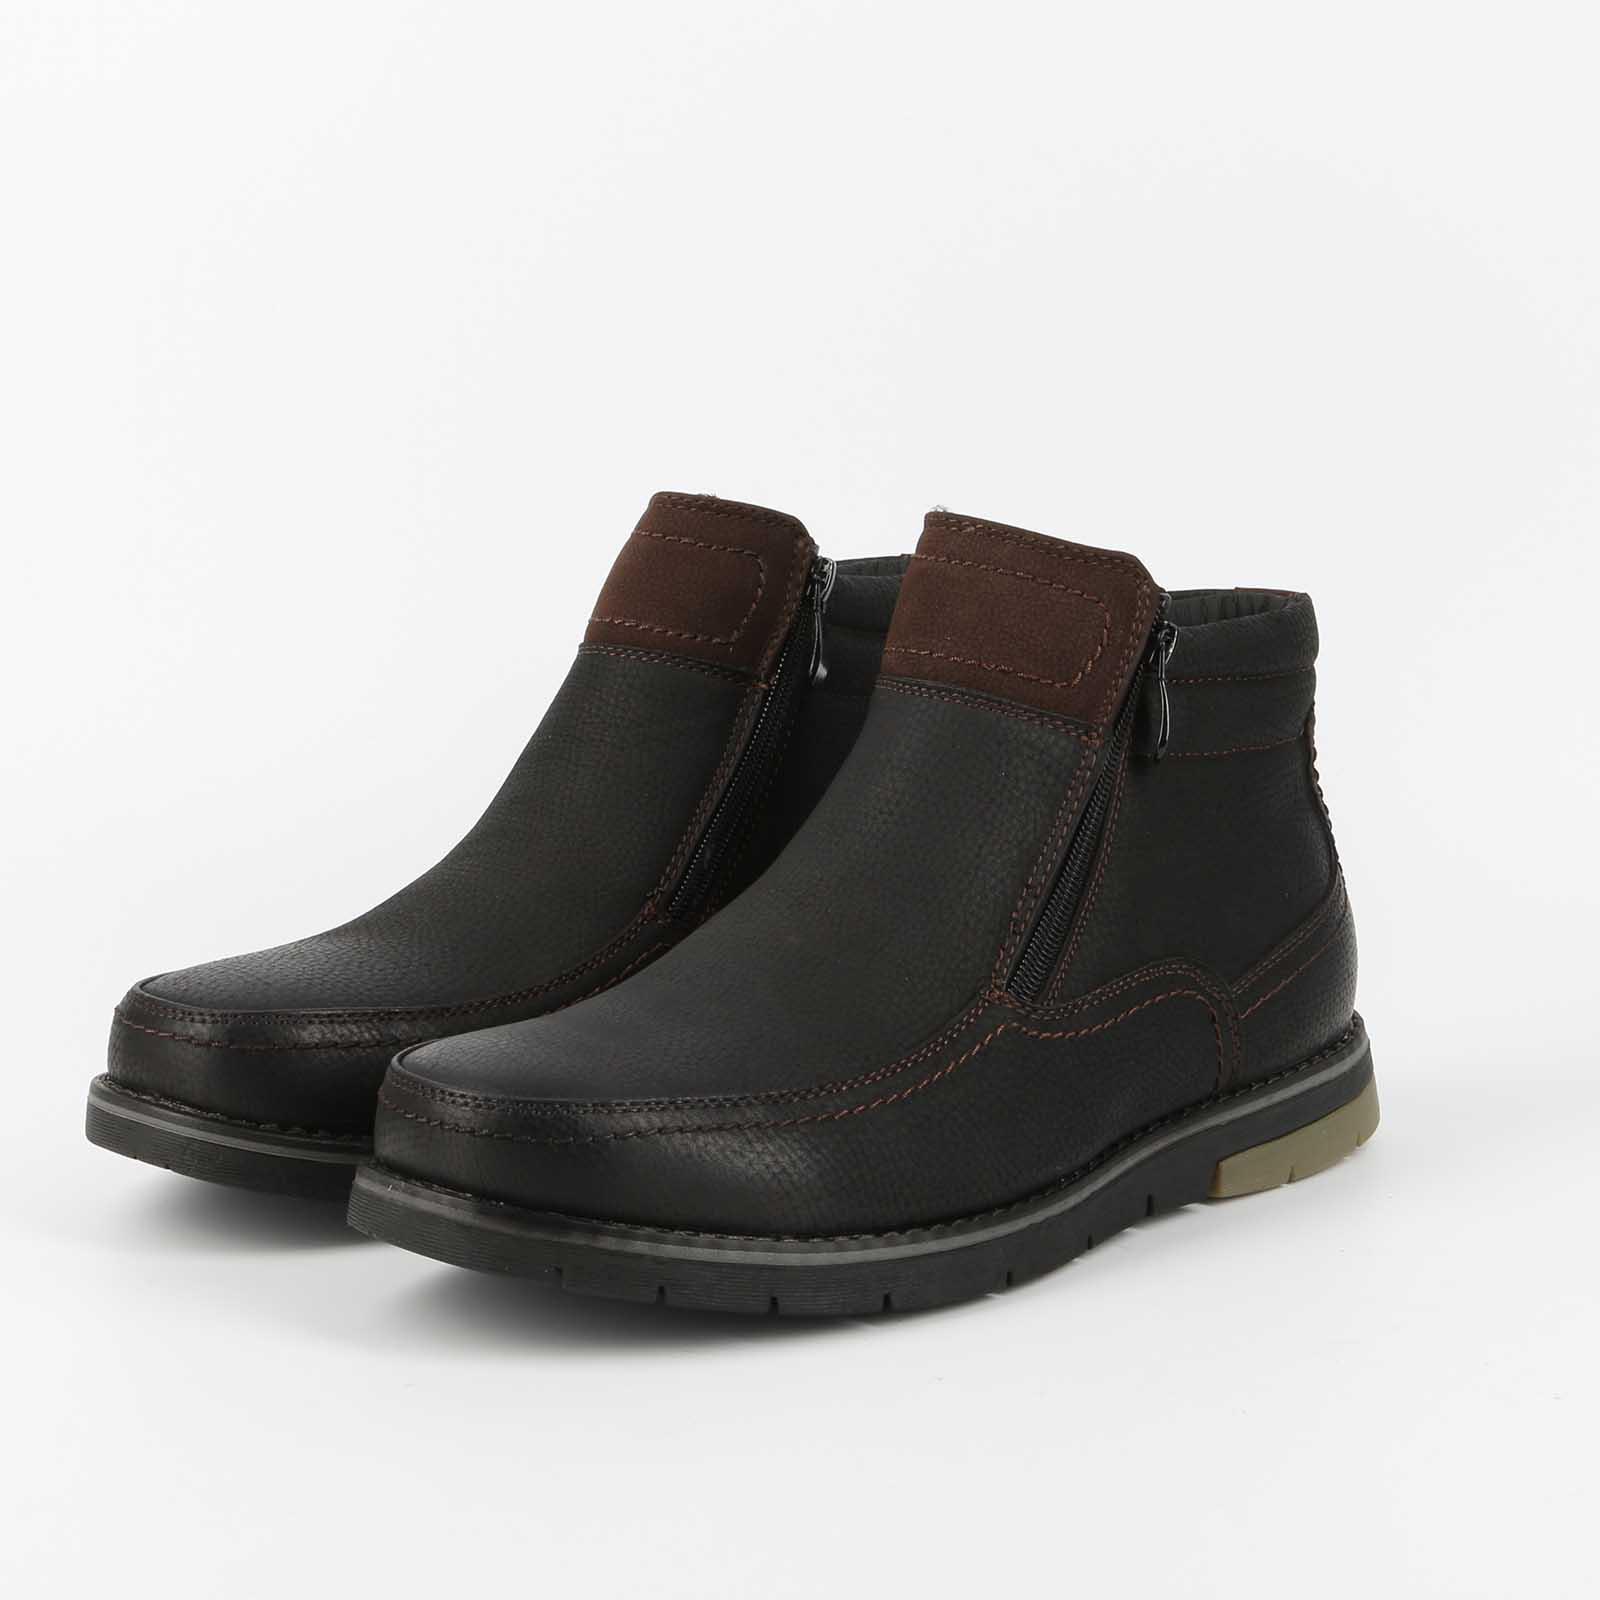 Ботинки мужские на комфортной колодке